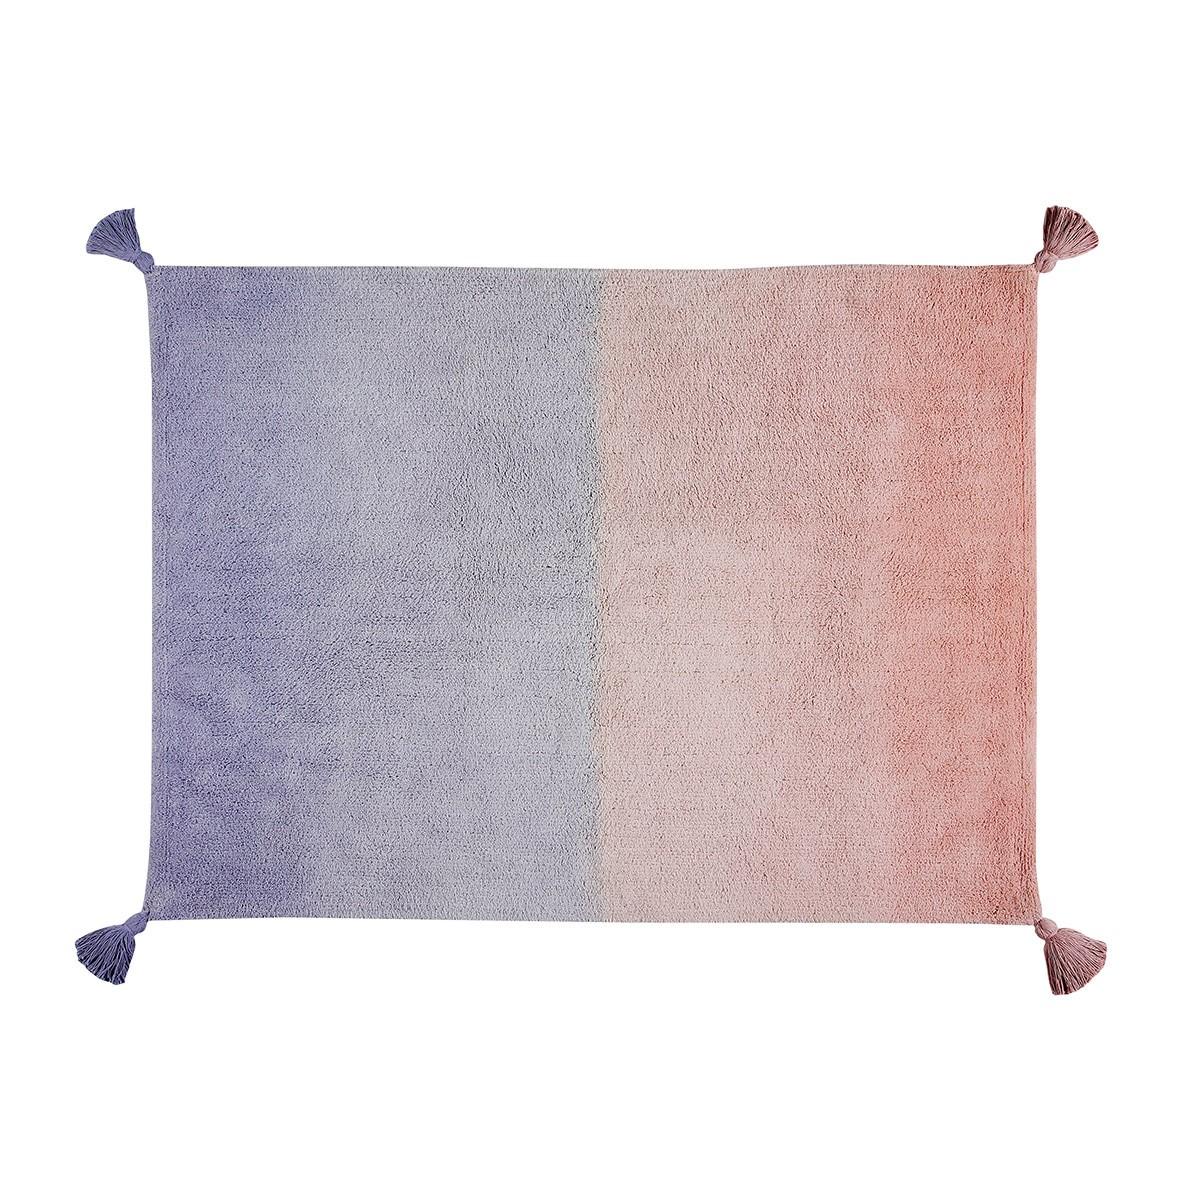 Πλενόμενο Χαλί (120x160) Lorena Canals Ombre Coral Pink-Lavender